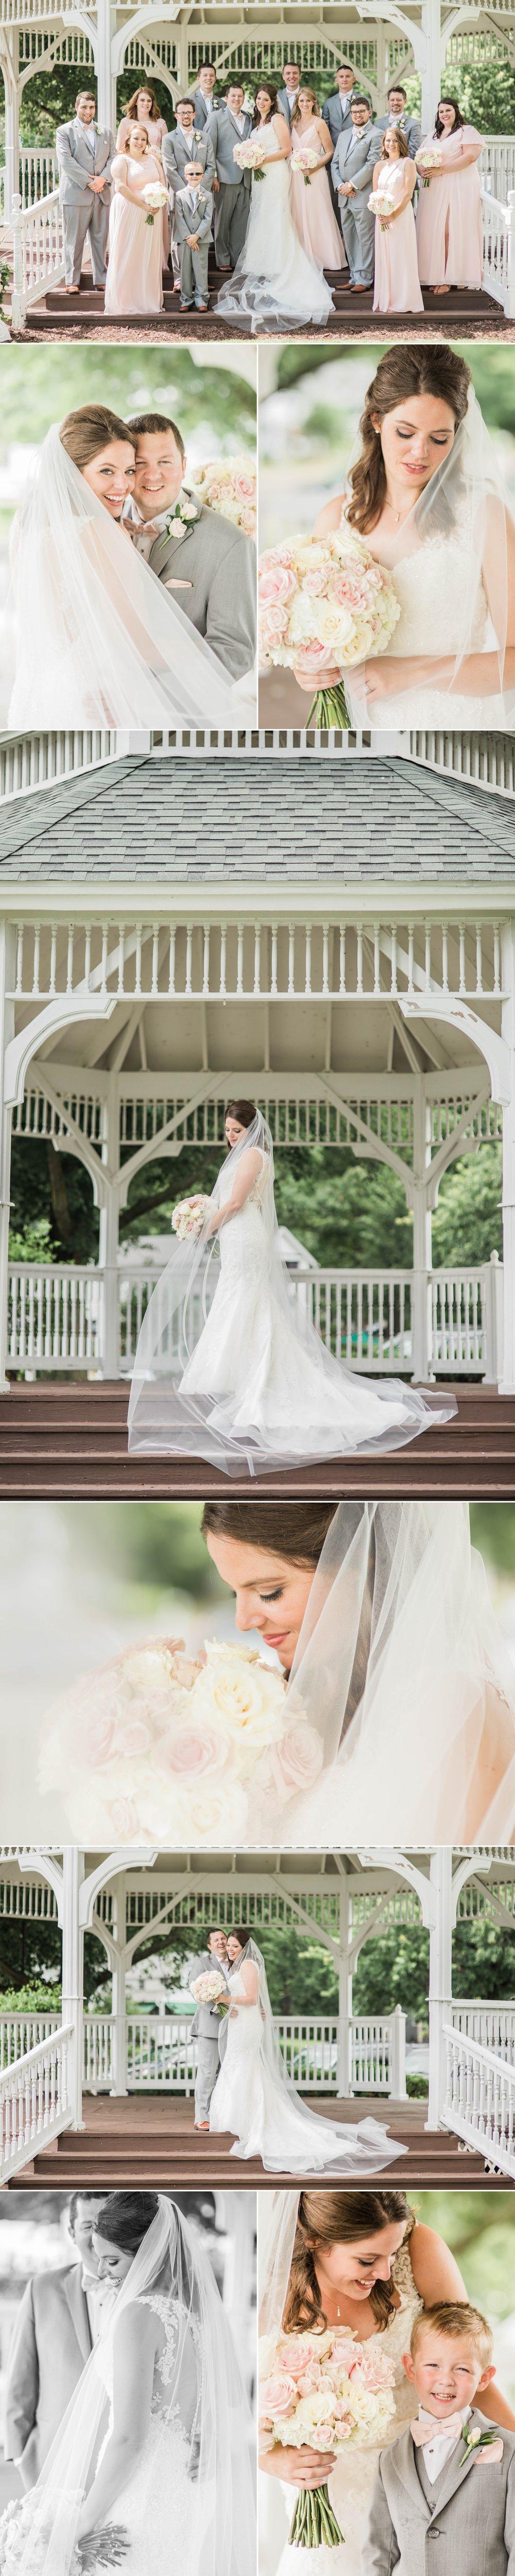 lake wawasee oakwood resort wedding indiana bride groom portraits wedding party